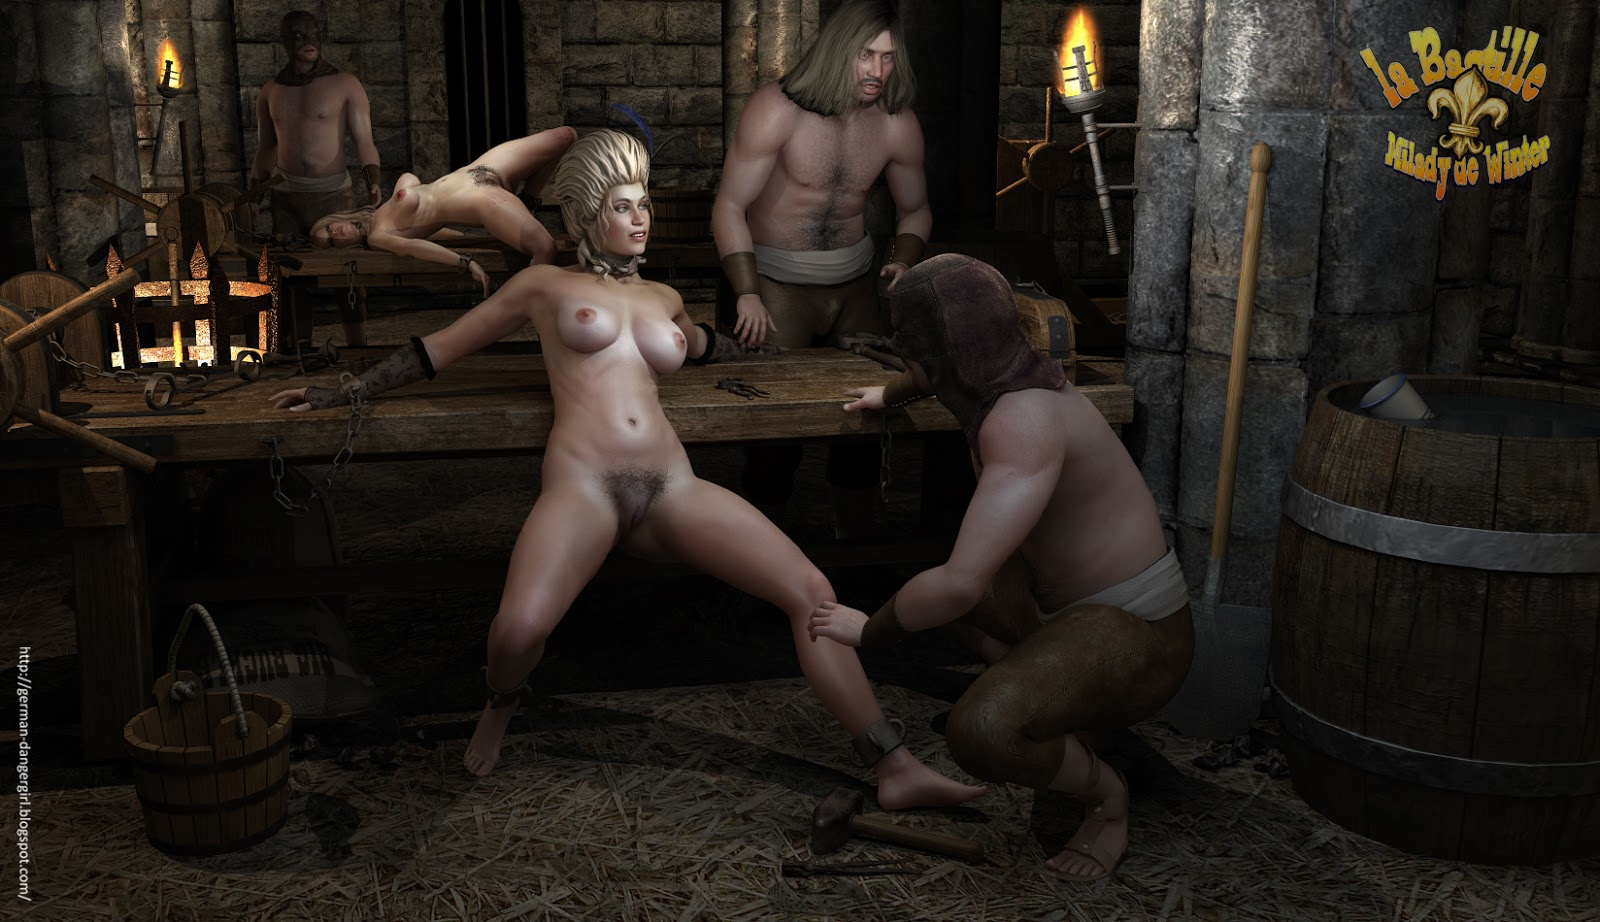 рабы порно тюрьма